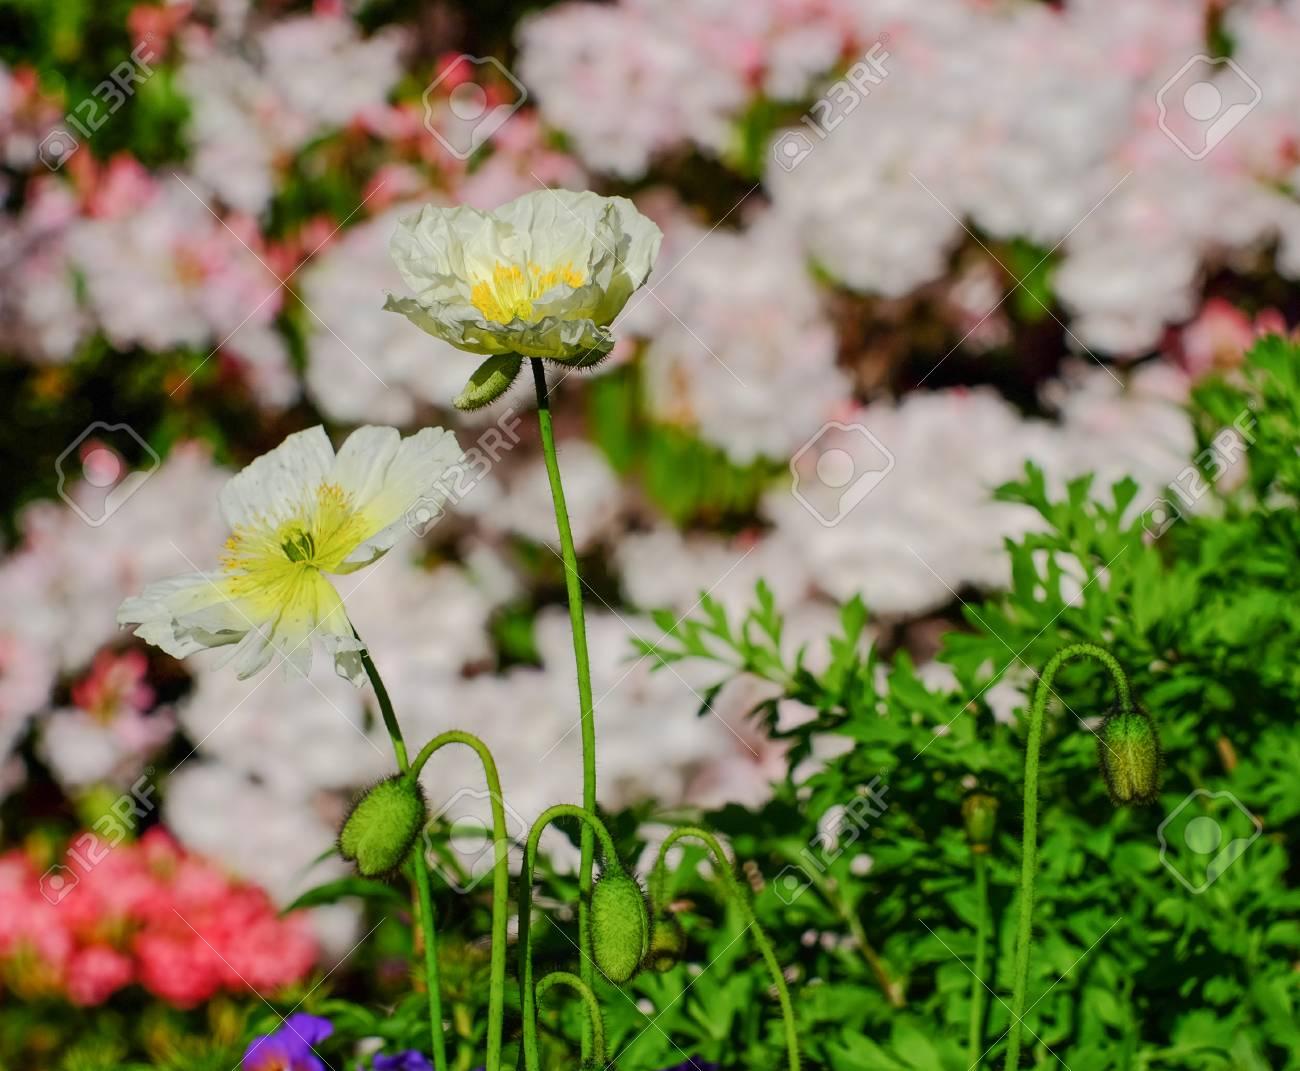 White Poppy Flowers At Botanic Garden In Spring Time Stock Photo